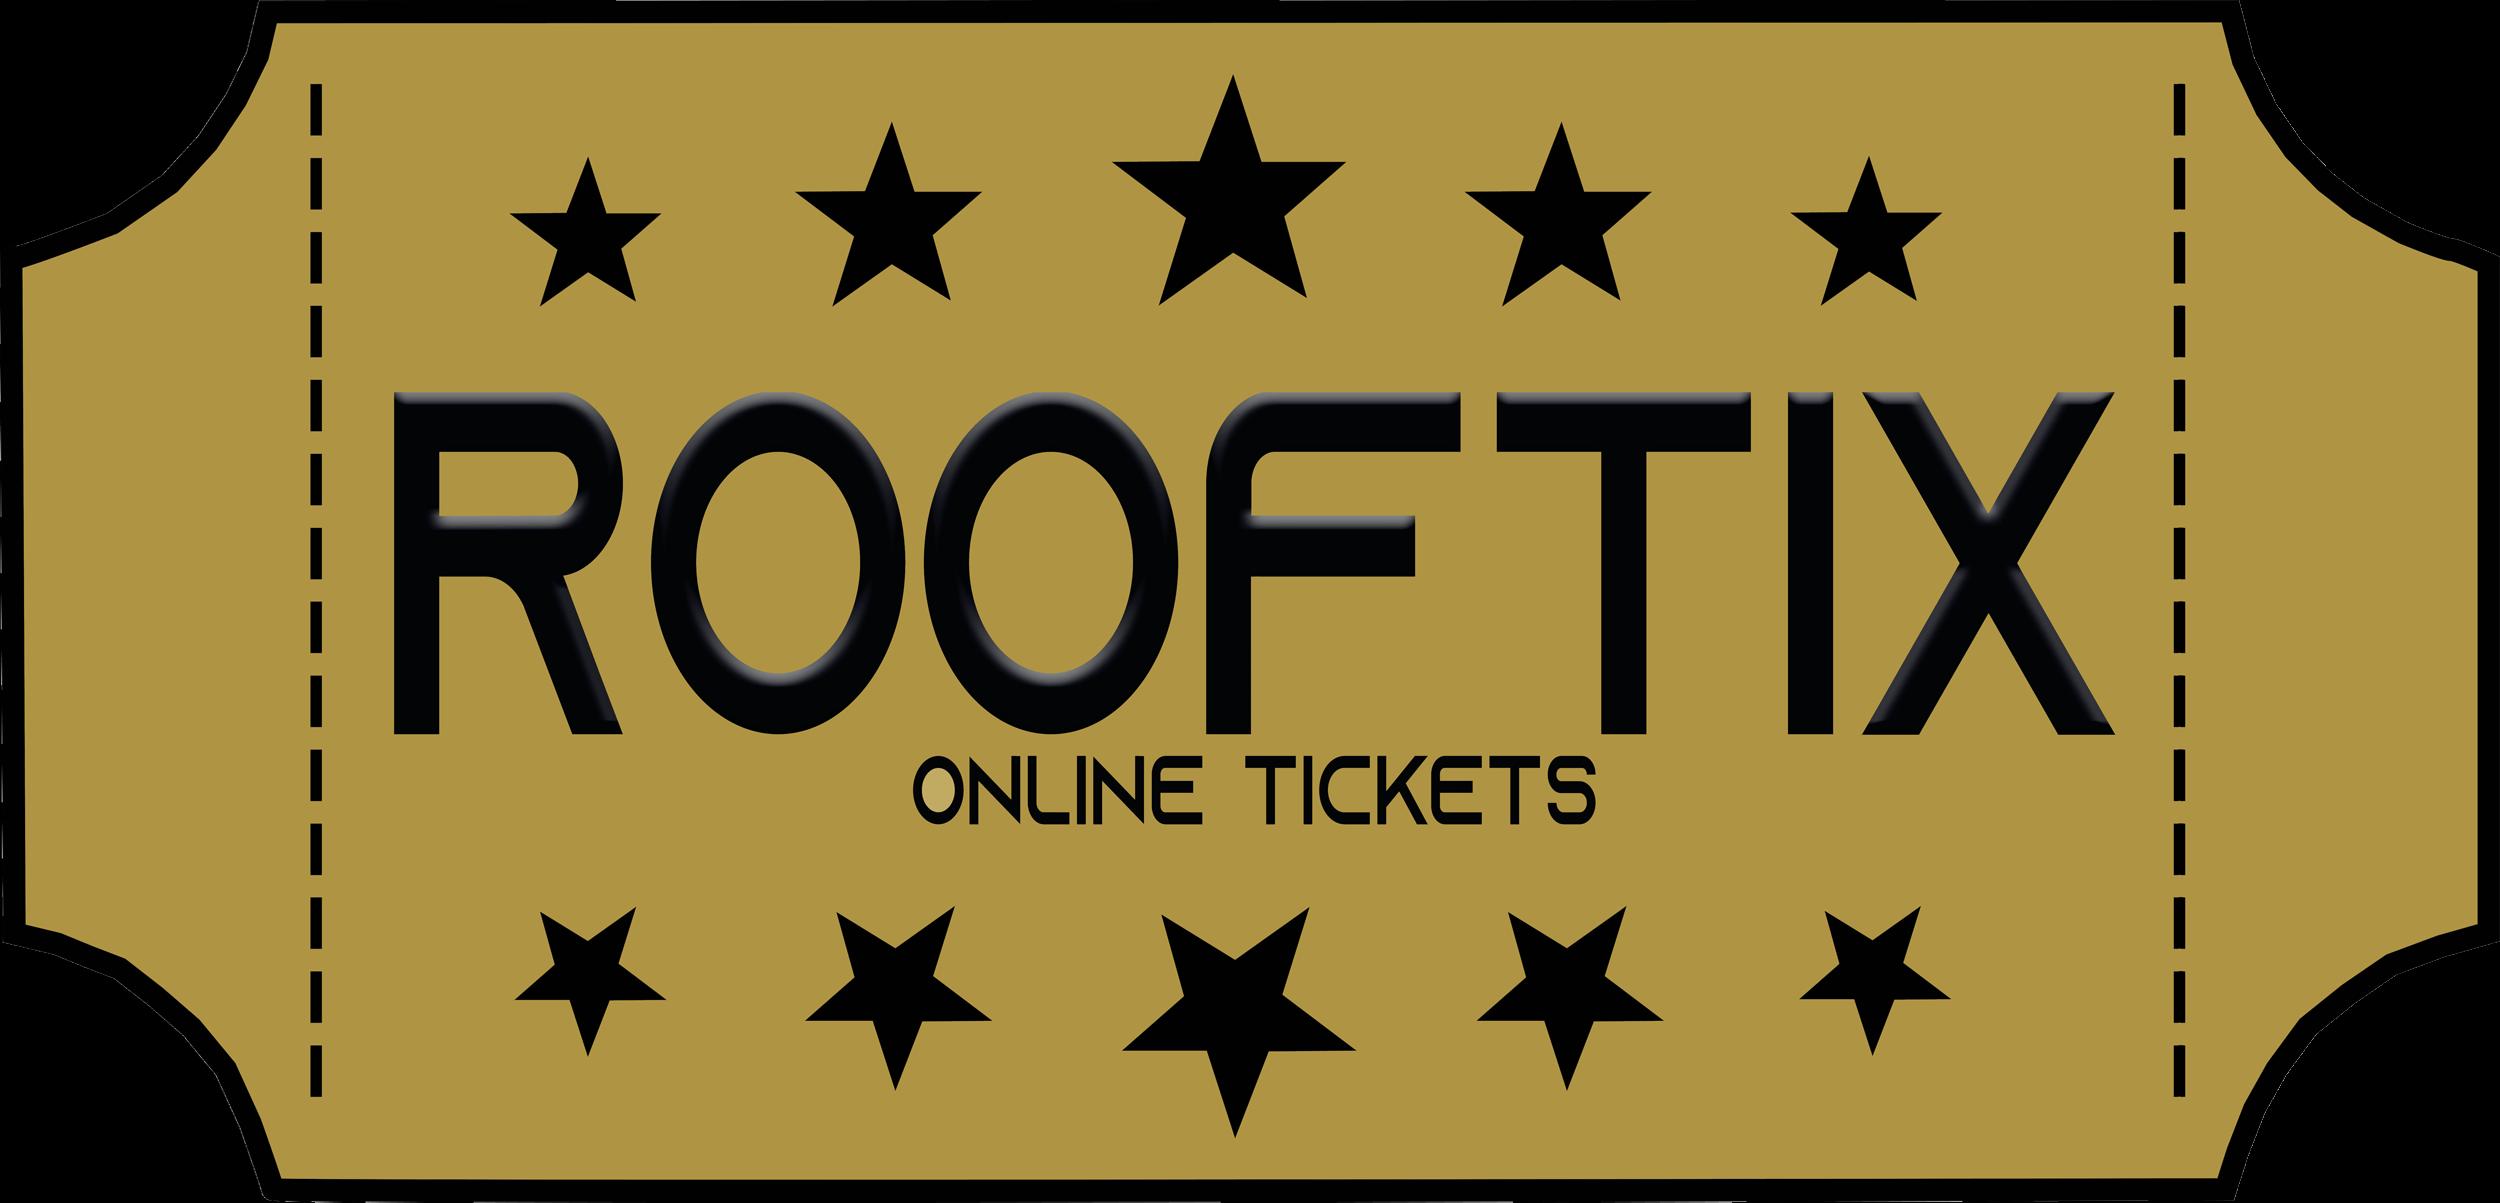 ROOFTIX.NL